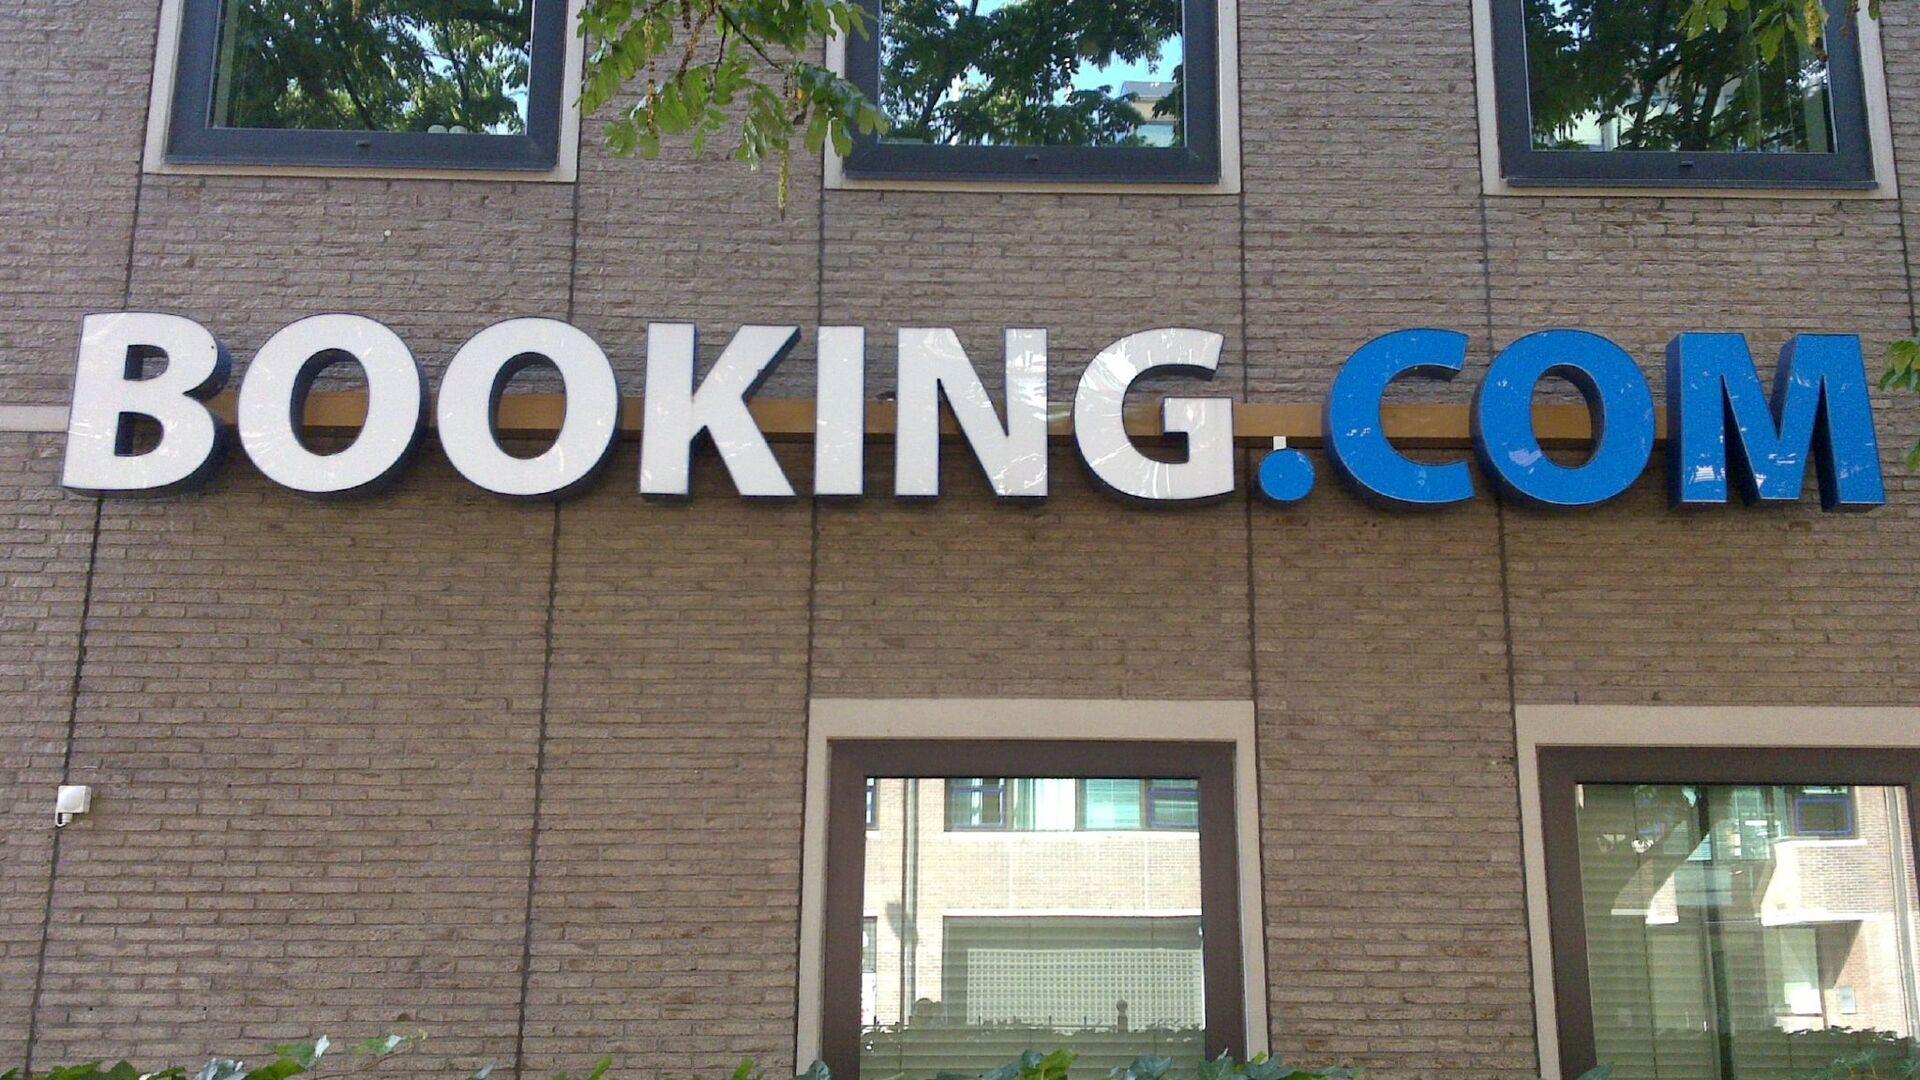 ФАС обратится в суд, если Booking не выплатит штраф